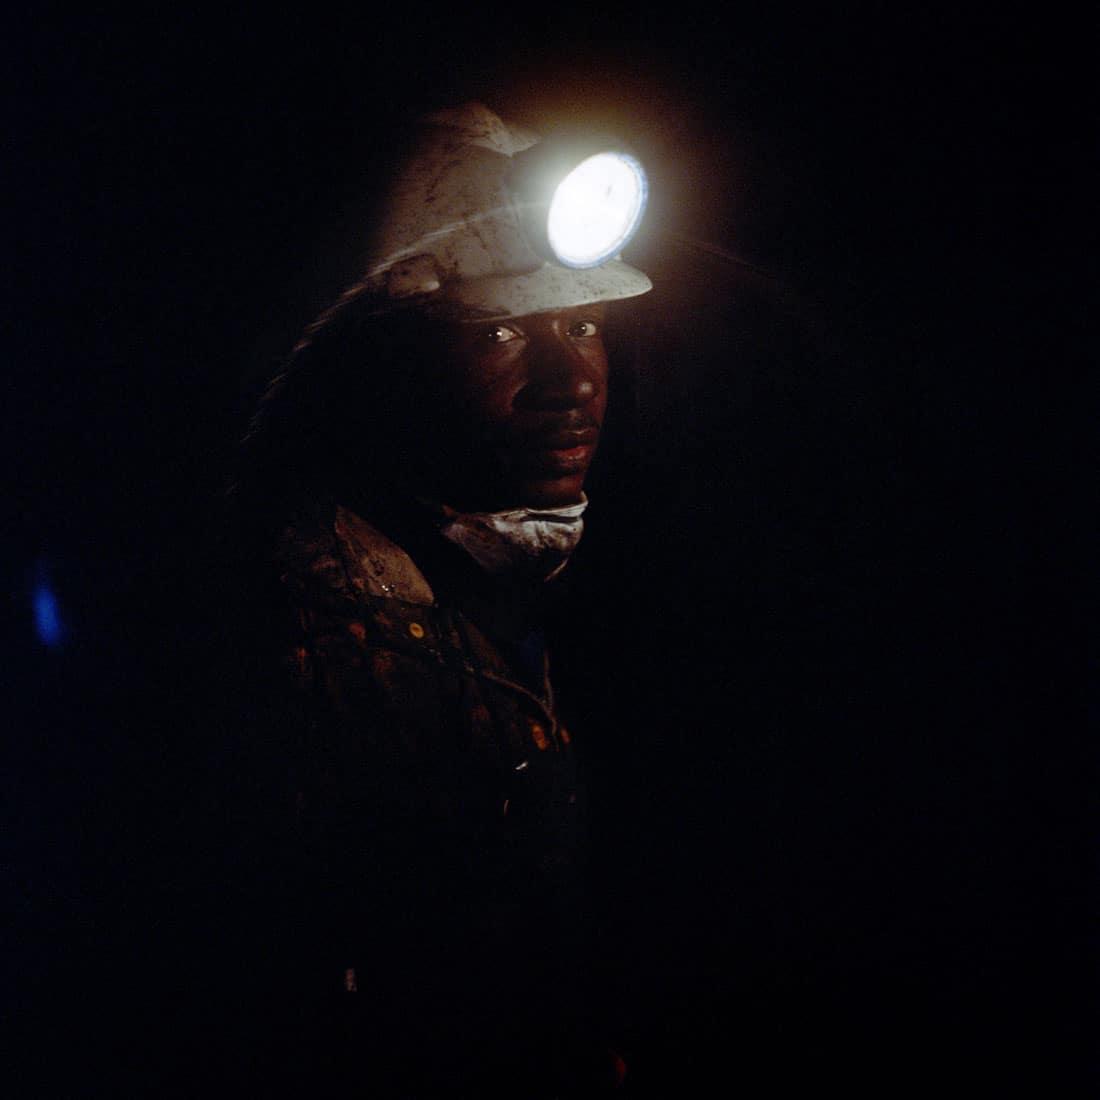 Zuid-Afrika, Delmas, 02-03-2010 South-Africa, Delmas, 02-03-2010 Delmas Coal South Shaft, secondaire mijnschacht van de Delmas mijn. Mijnwerkers ondergrods aan het werk. Delmas Coal Mine is an operating underground mine in South Africa. Miners working in th underground It is controlled/owned by Kuyasa Mining PHOTO AND COPYRIGHT ROGER CREMERS